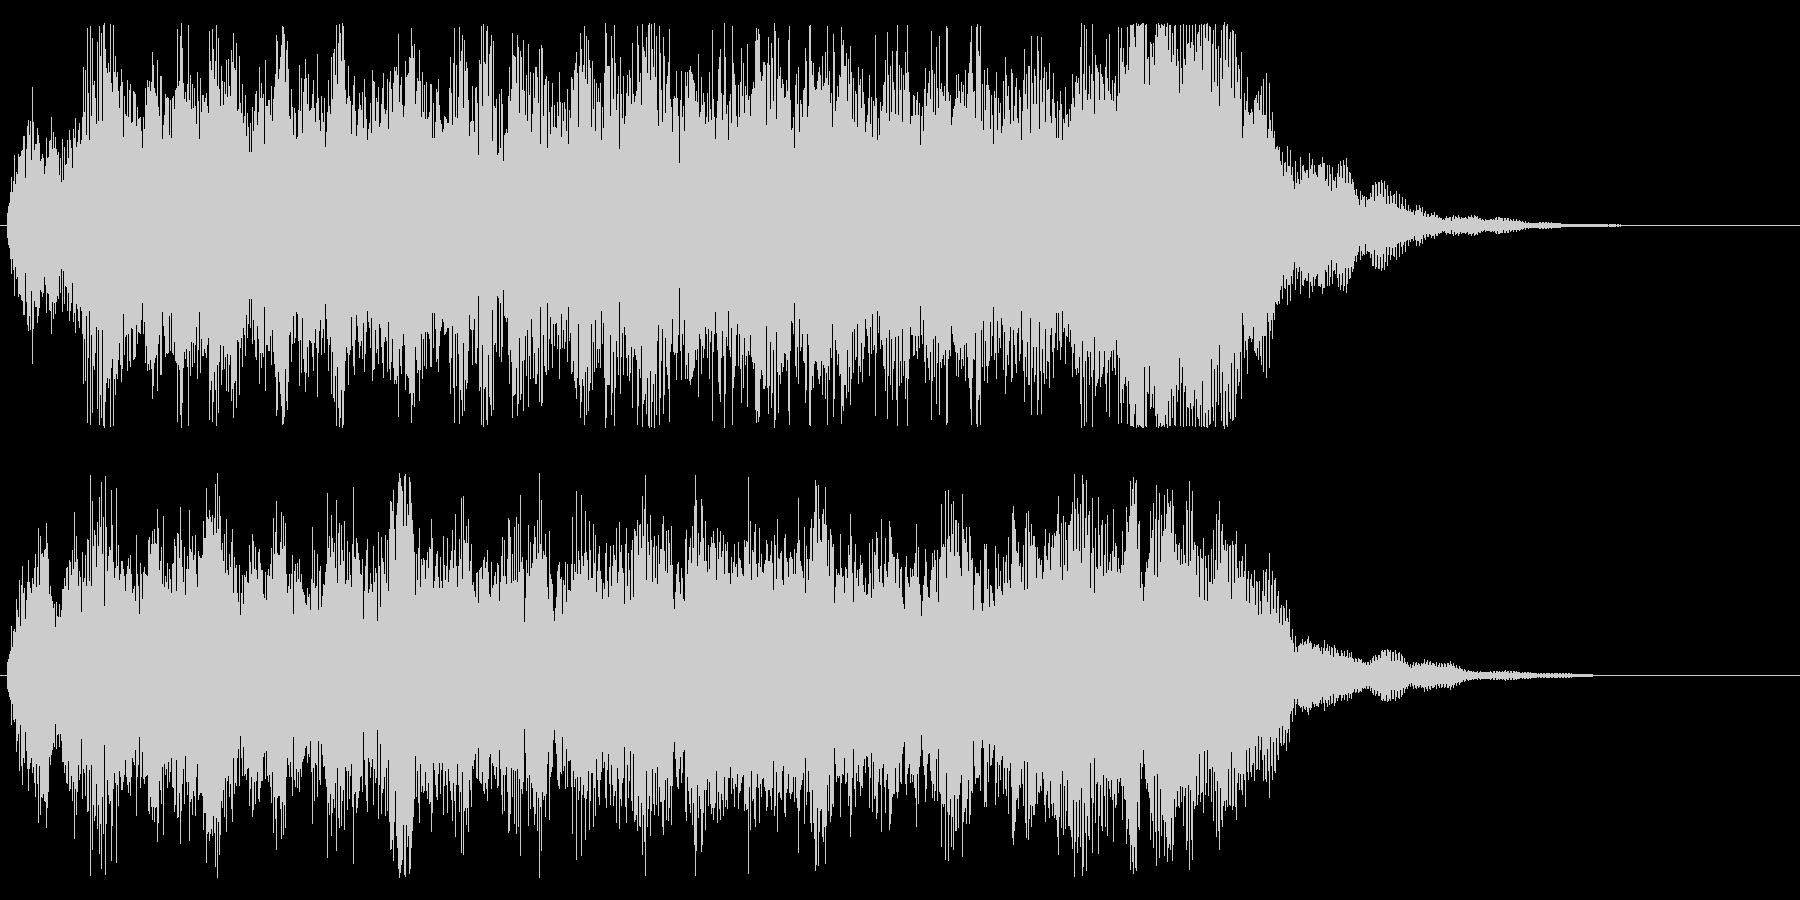 勇壮なジングル オーケストラ パターンBの未再生の波形